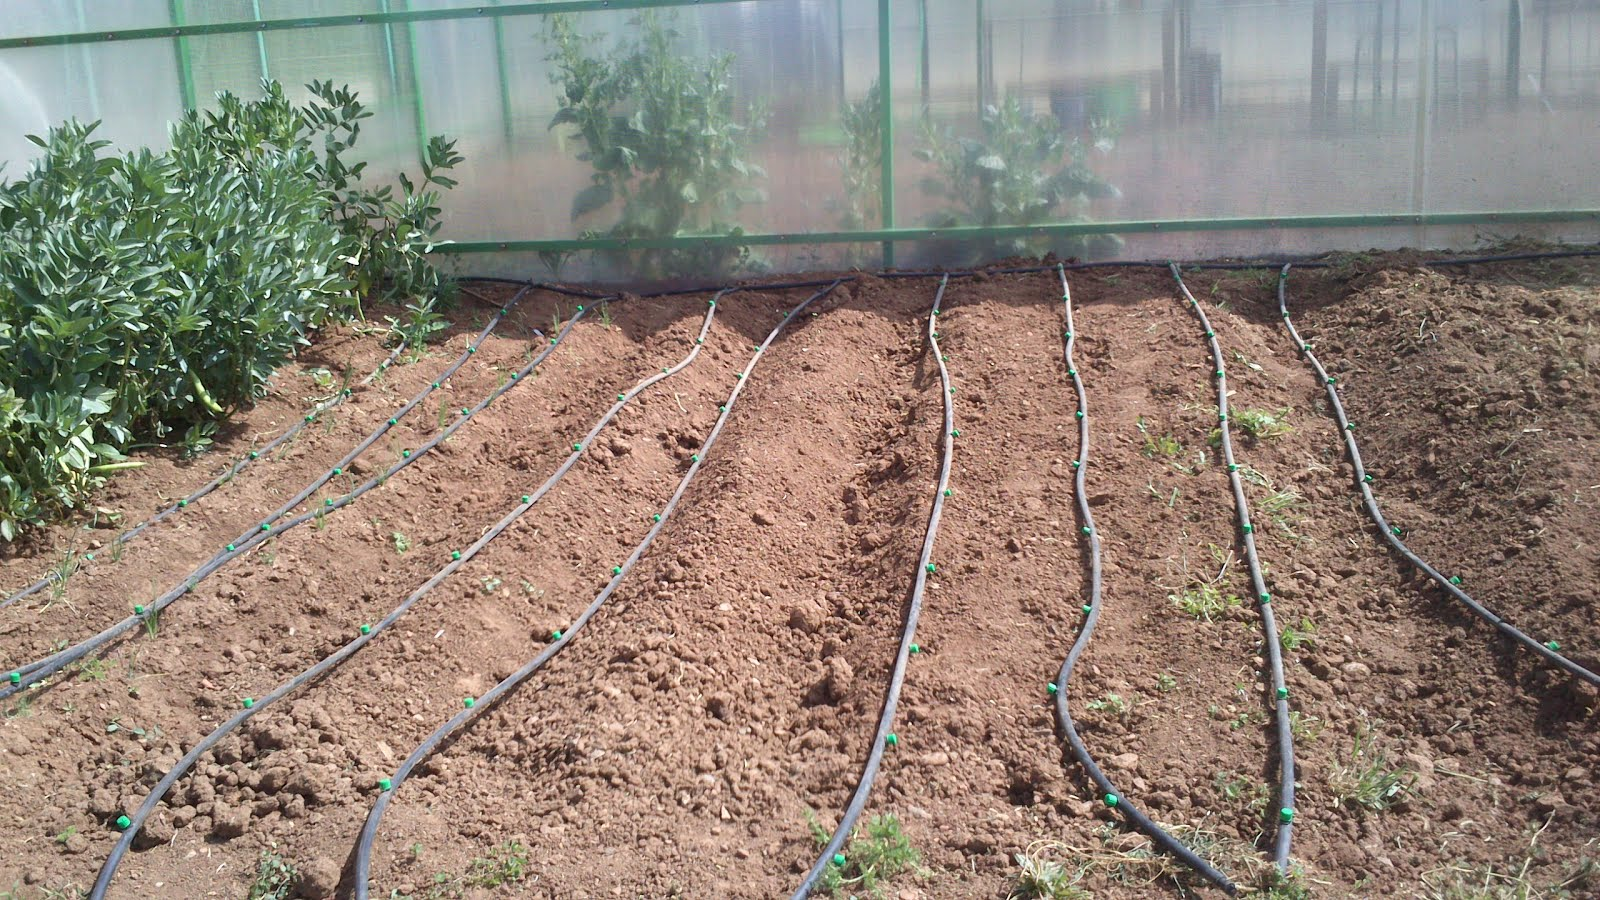 Huerineco instalando el sistema de riego por goteo - Sistema de riego por goteo automatizado ...